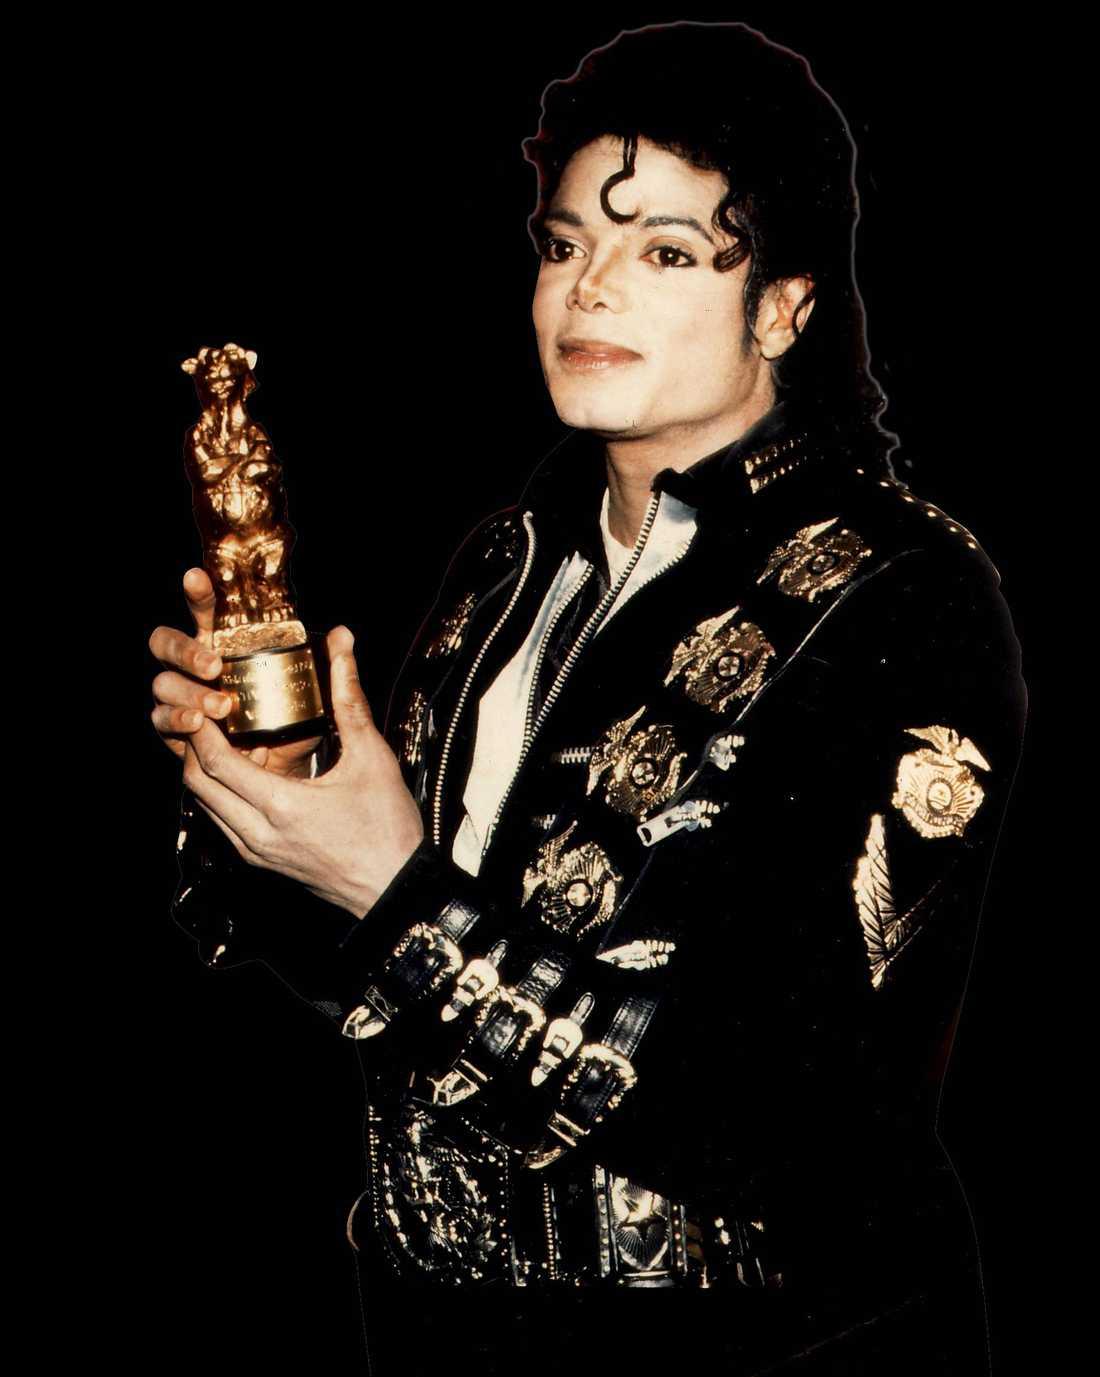 Michael Jackson sällade sig till den exklusiva skara av artister som kan ställa upp en rockbjörn hemma i bokhyllan när han vann sin nalle 1988.